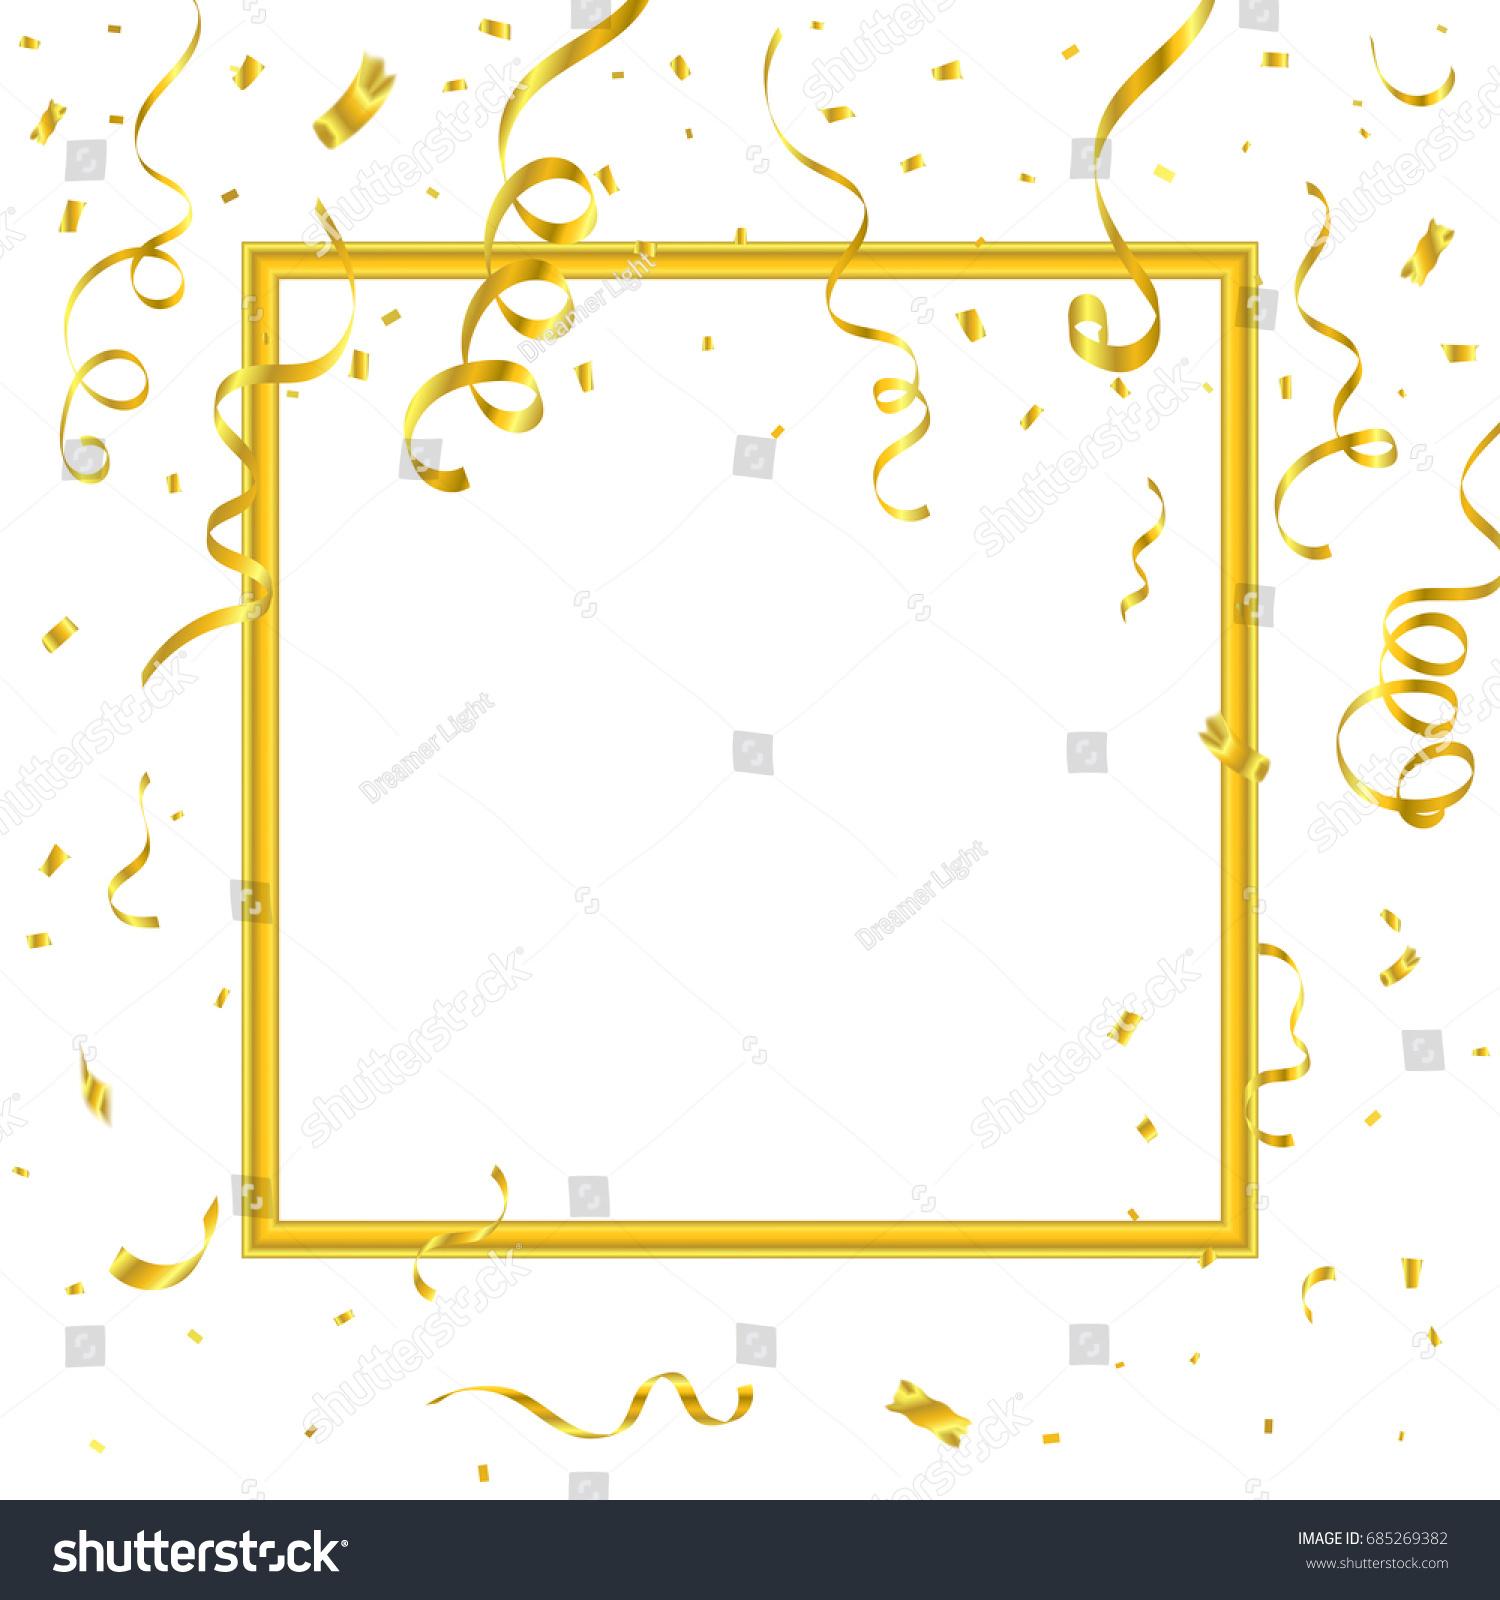 Golden Confetti Ribbons Border Frame On Stock Vector 685269382